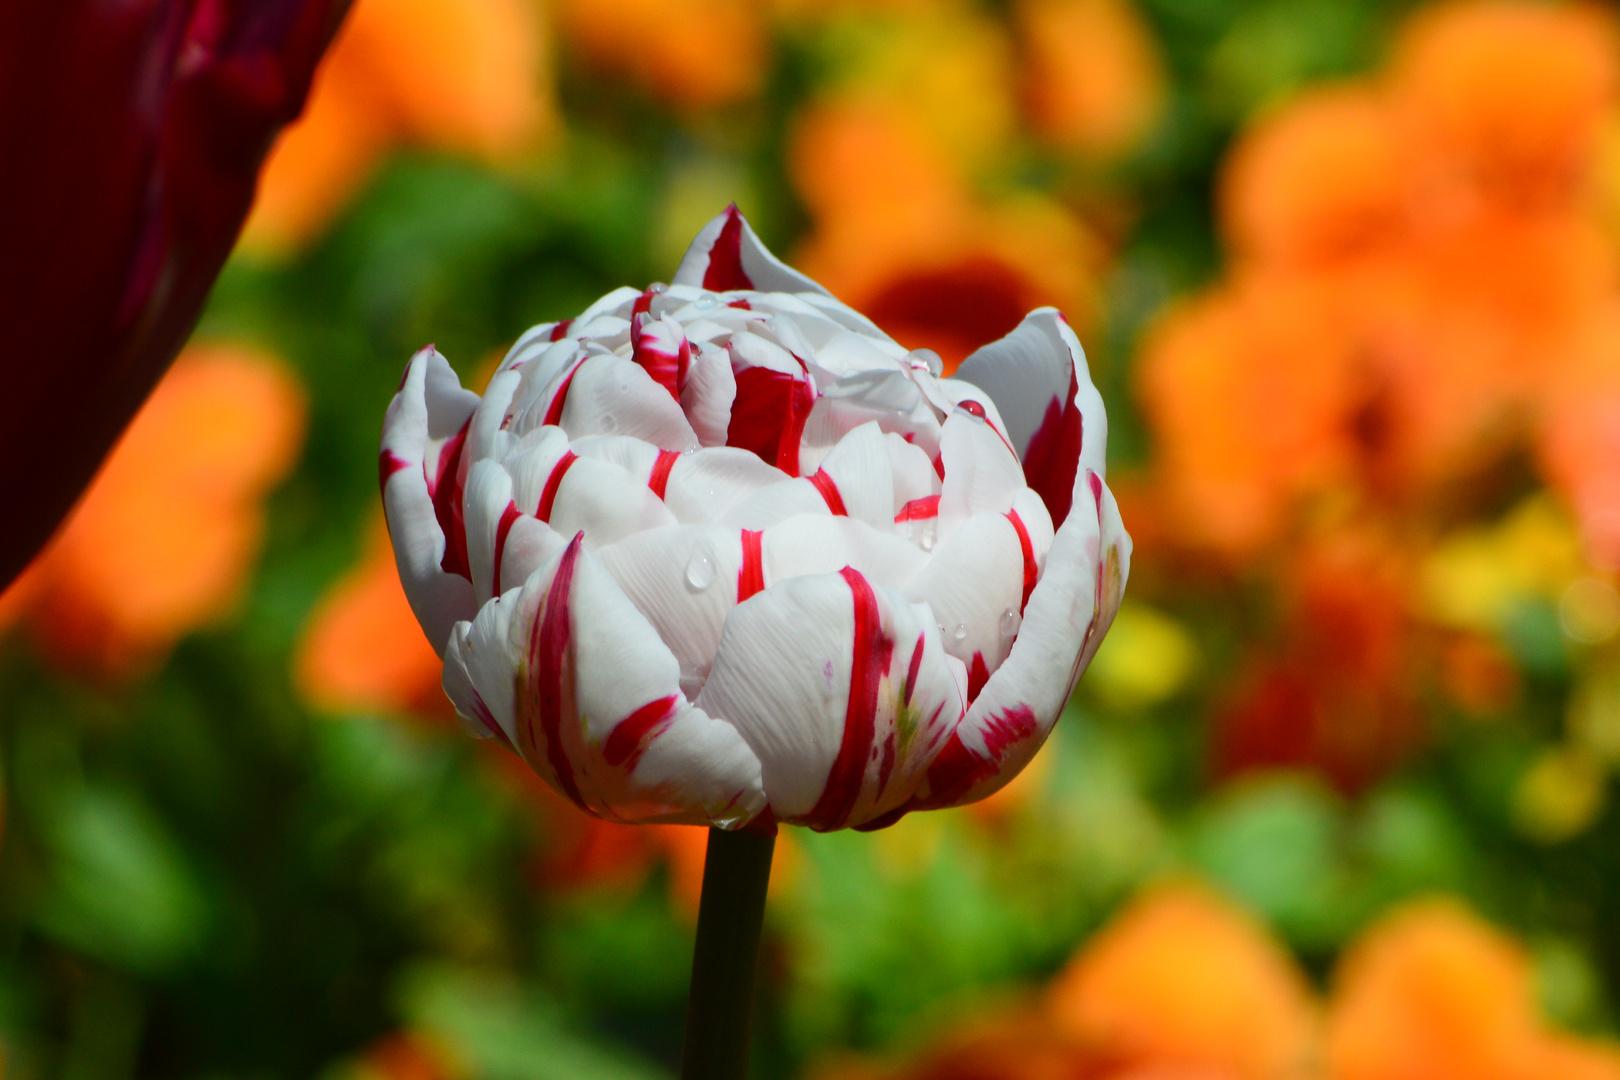 und auch das ist eine schöne Blume